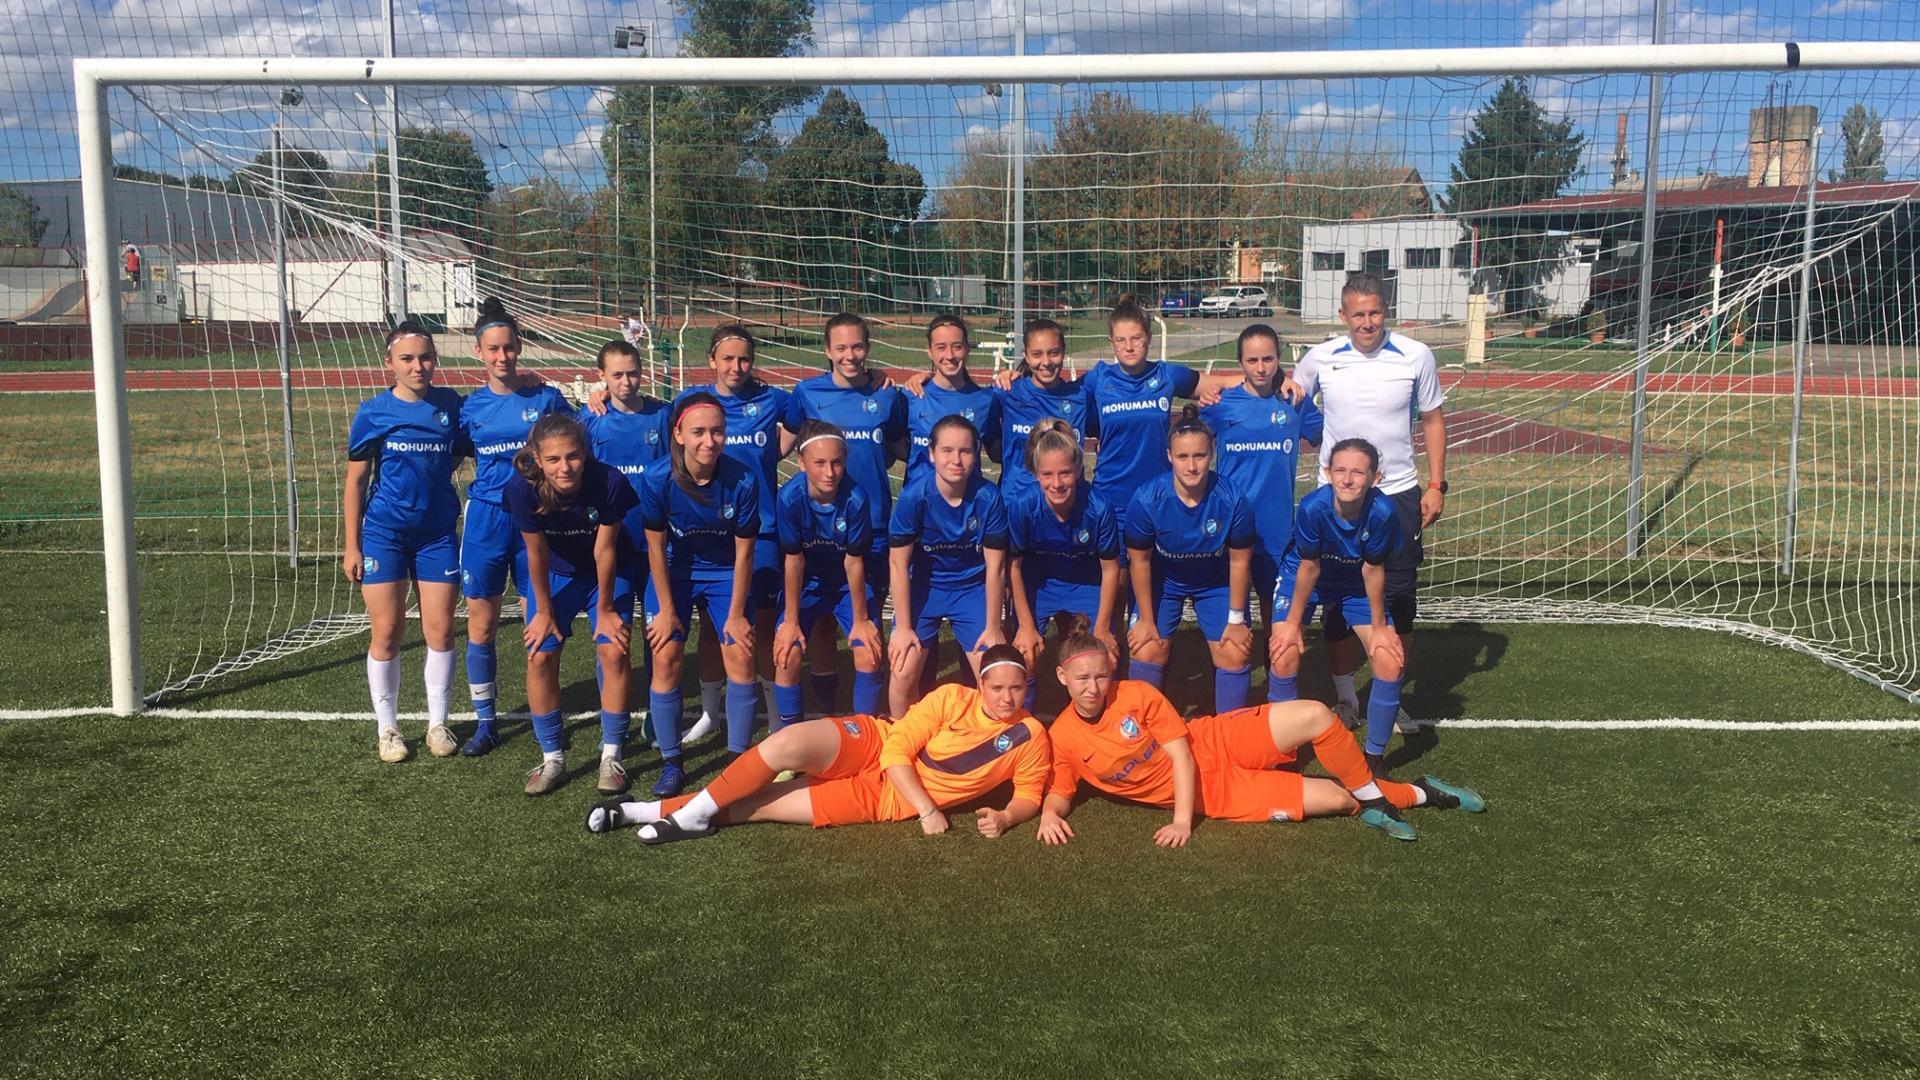 U19: Felnőtt csapatokat felvonultató tornán lettünk ezüstérmesek